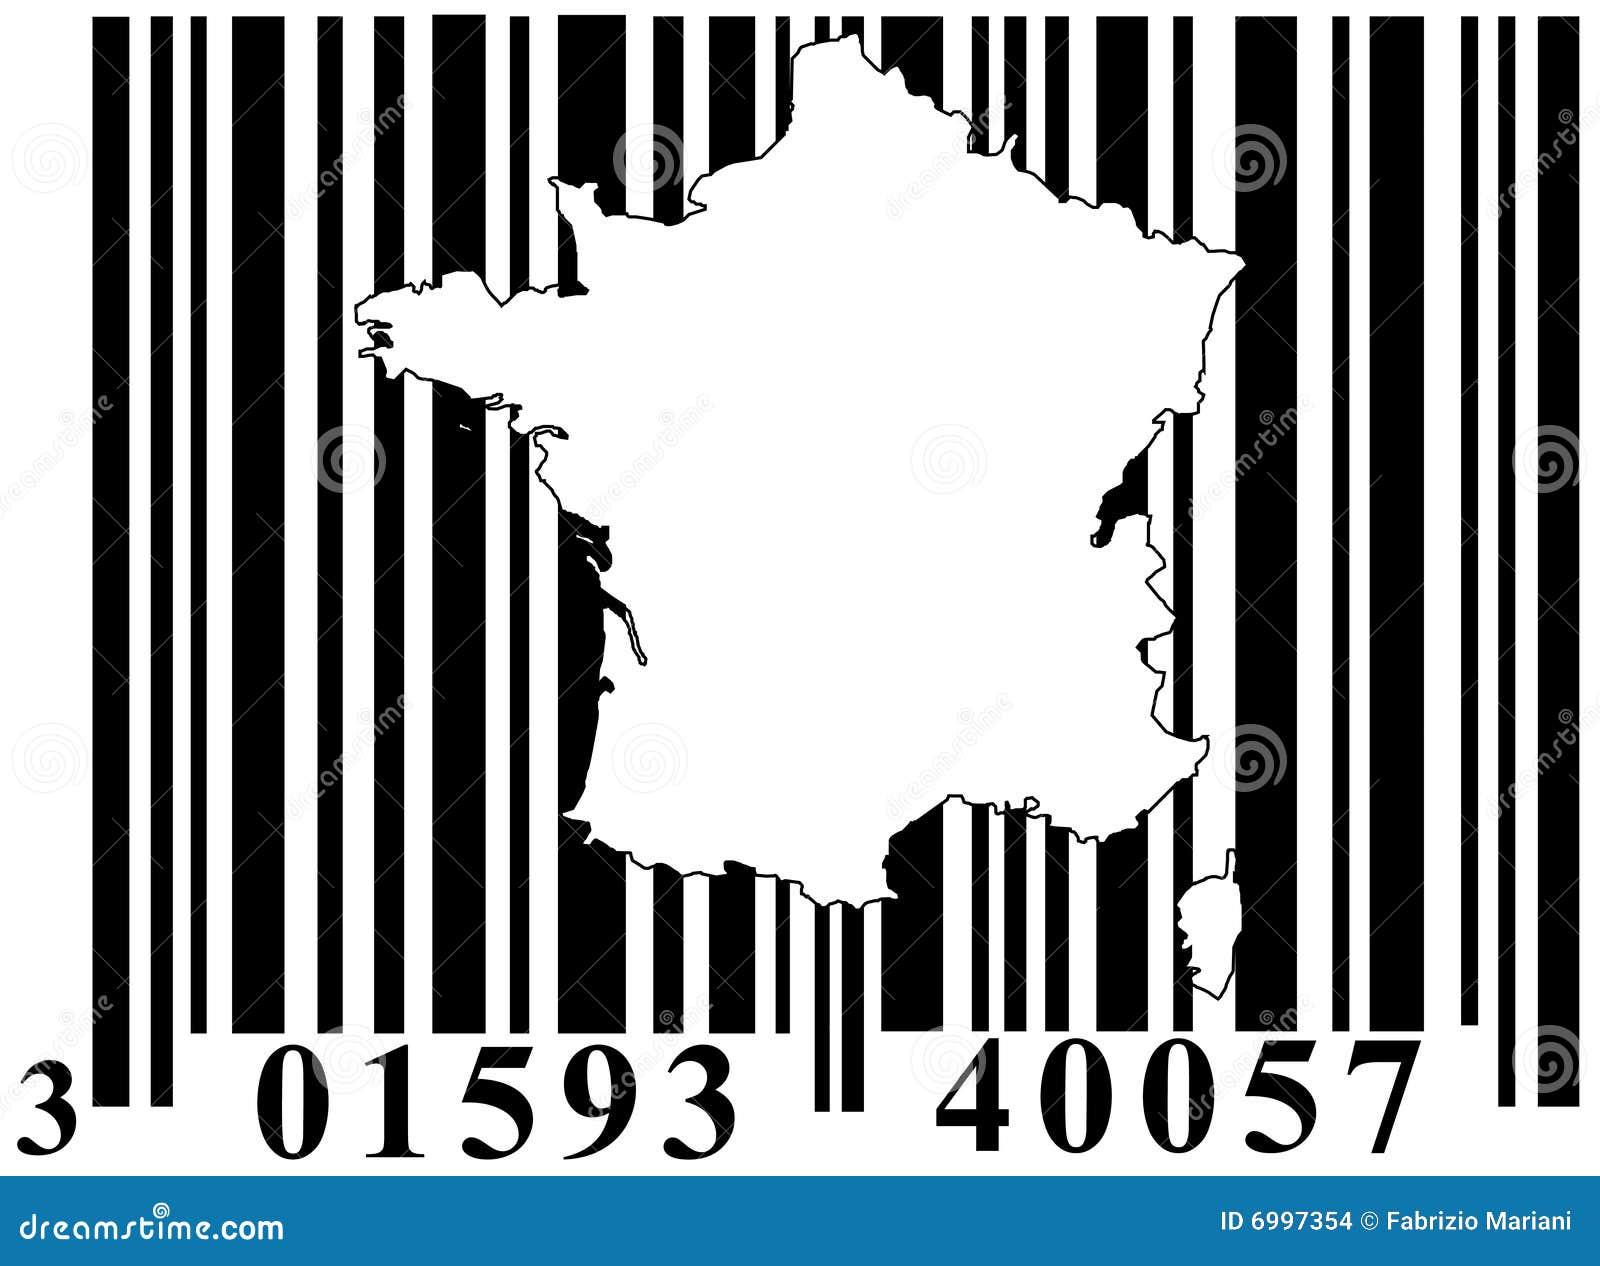 条形码法国分级显示